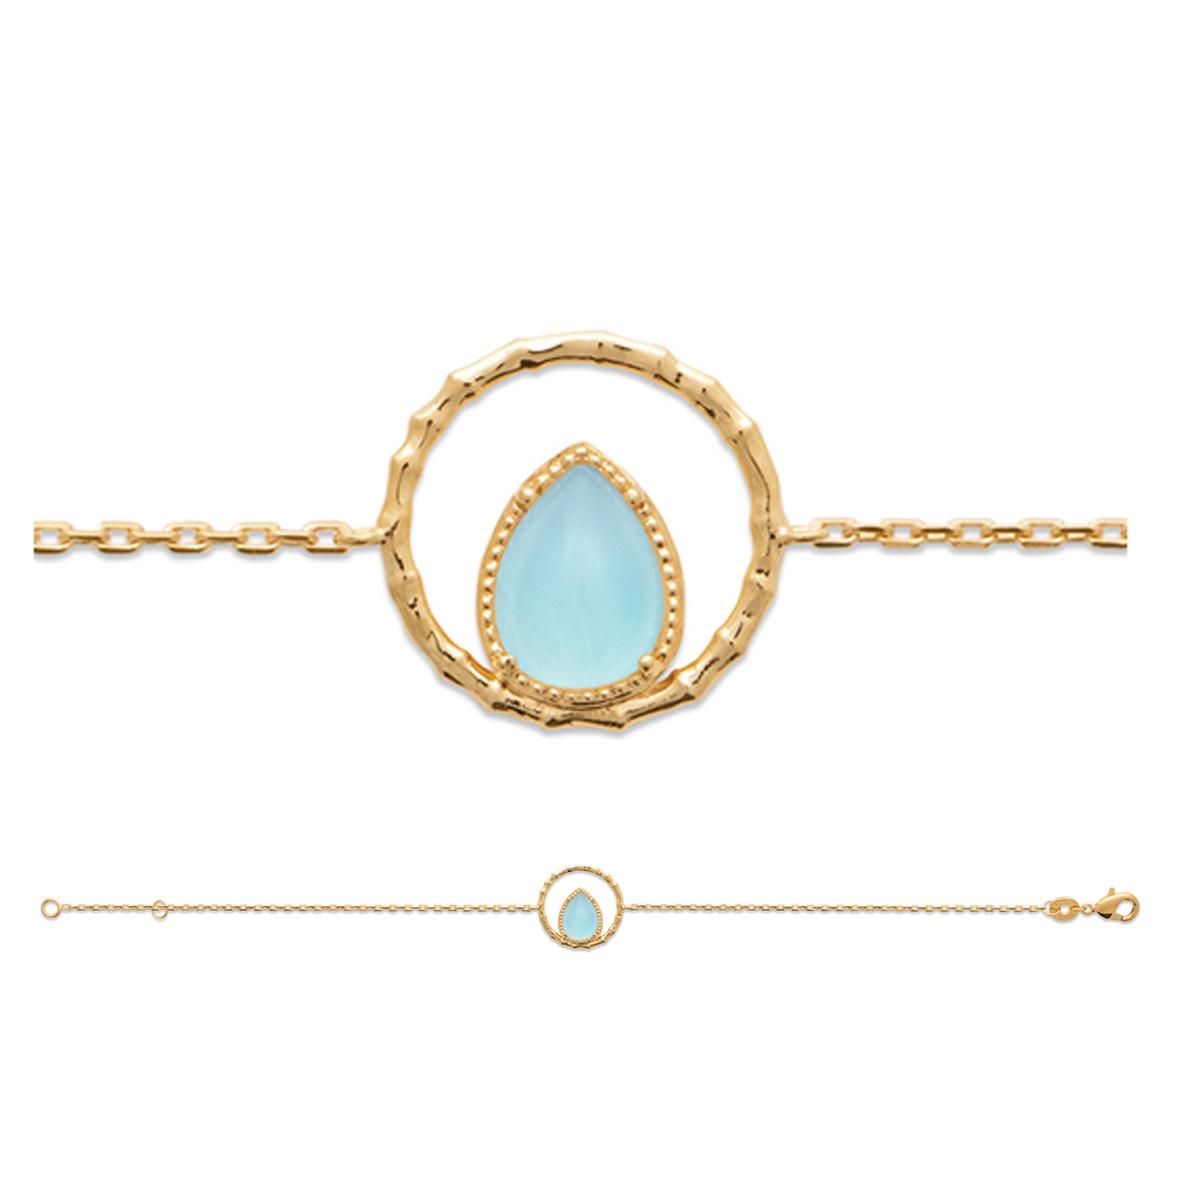 Bracelet Plaqué Or \'Cléopatra\' agate bleue doré - 14x14 mm - [R3956]